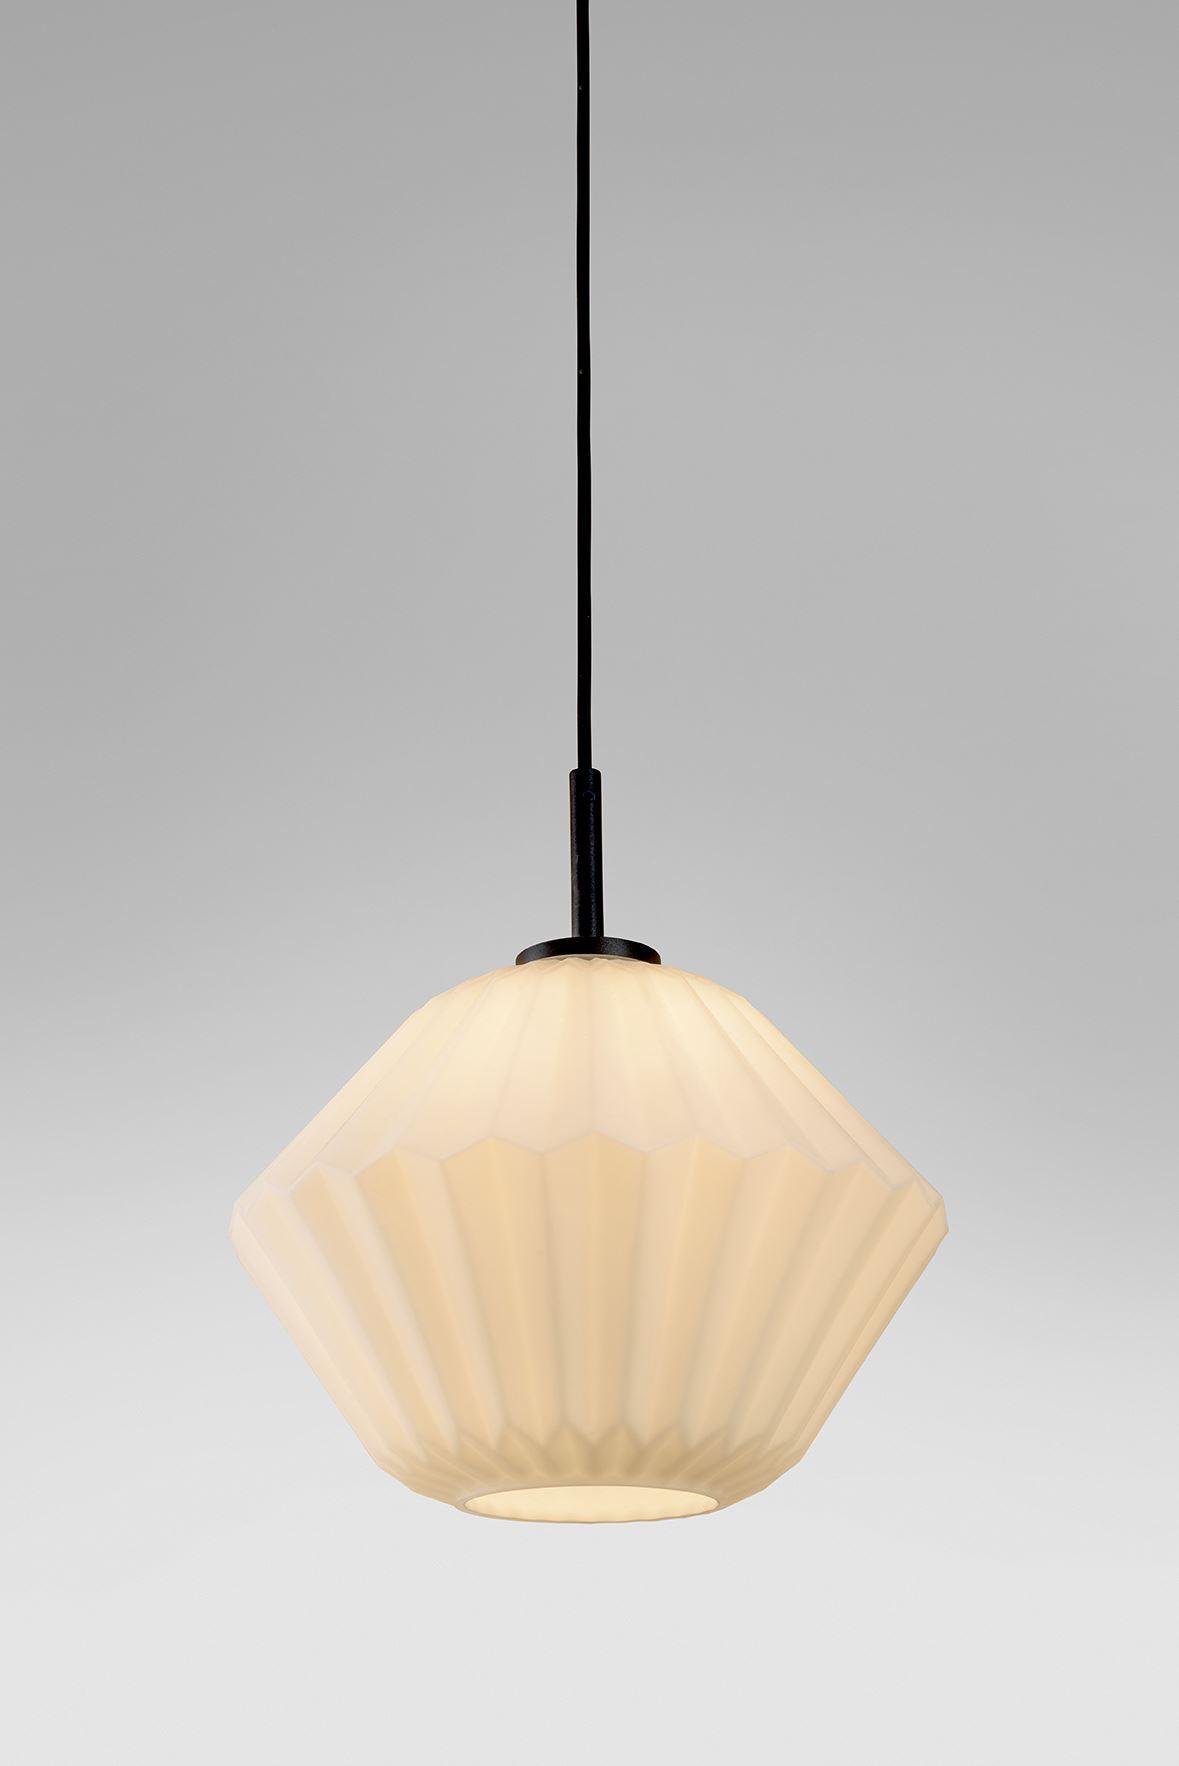 גופי תאורה בקטגוריית: מנורות תלויות ,שם המוצר: ספיר טרפז נפוח